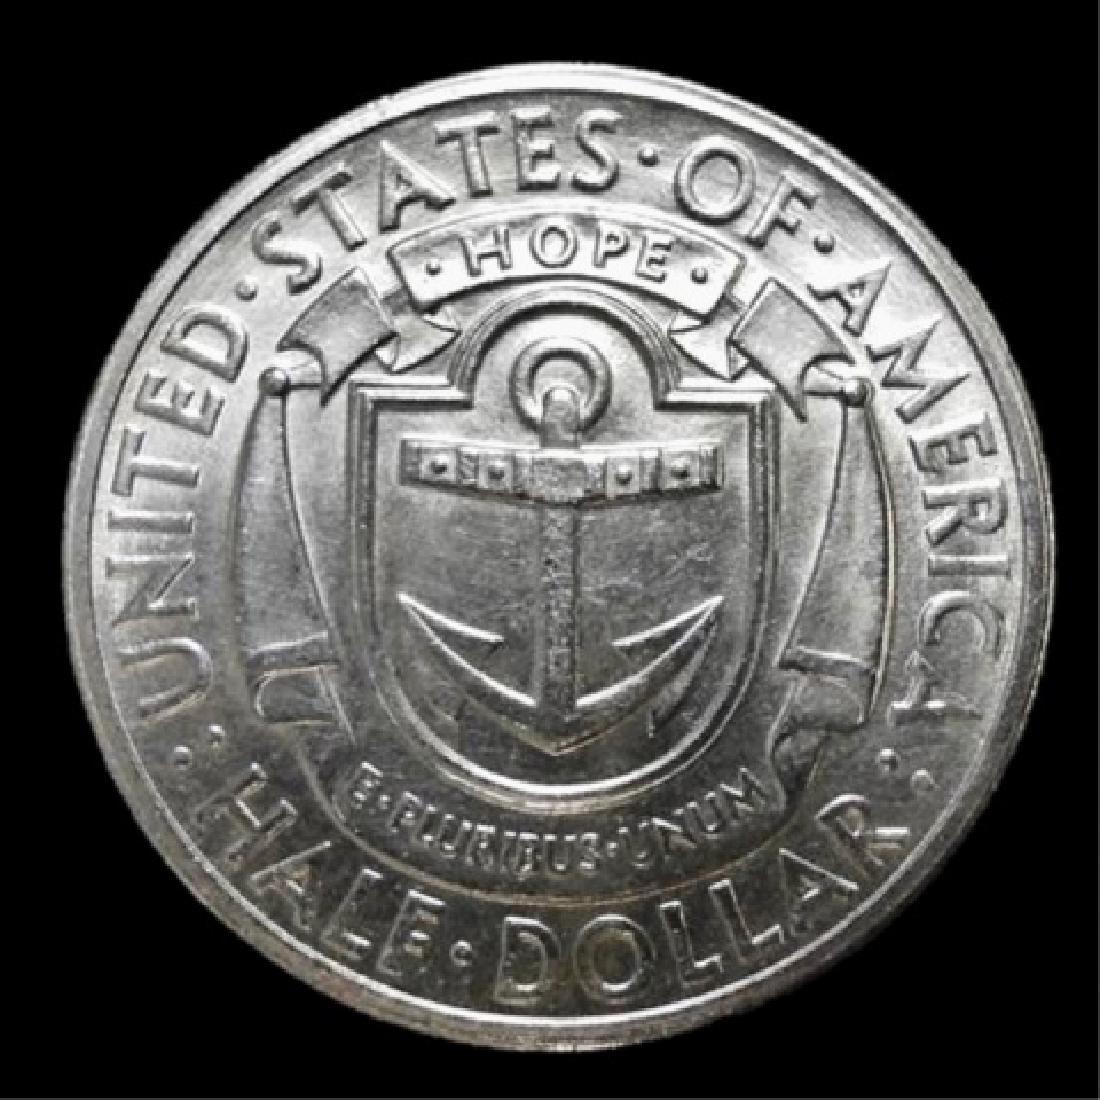 1936-S Rhode Island Commemorative Half Dollar, BU